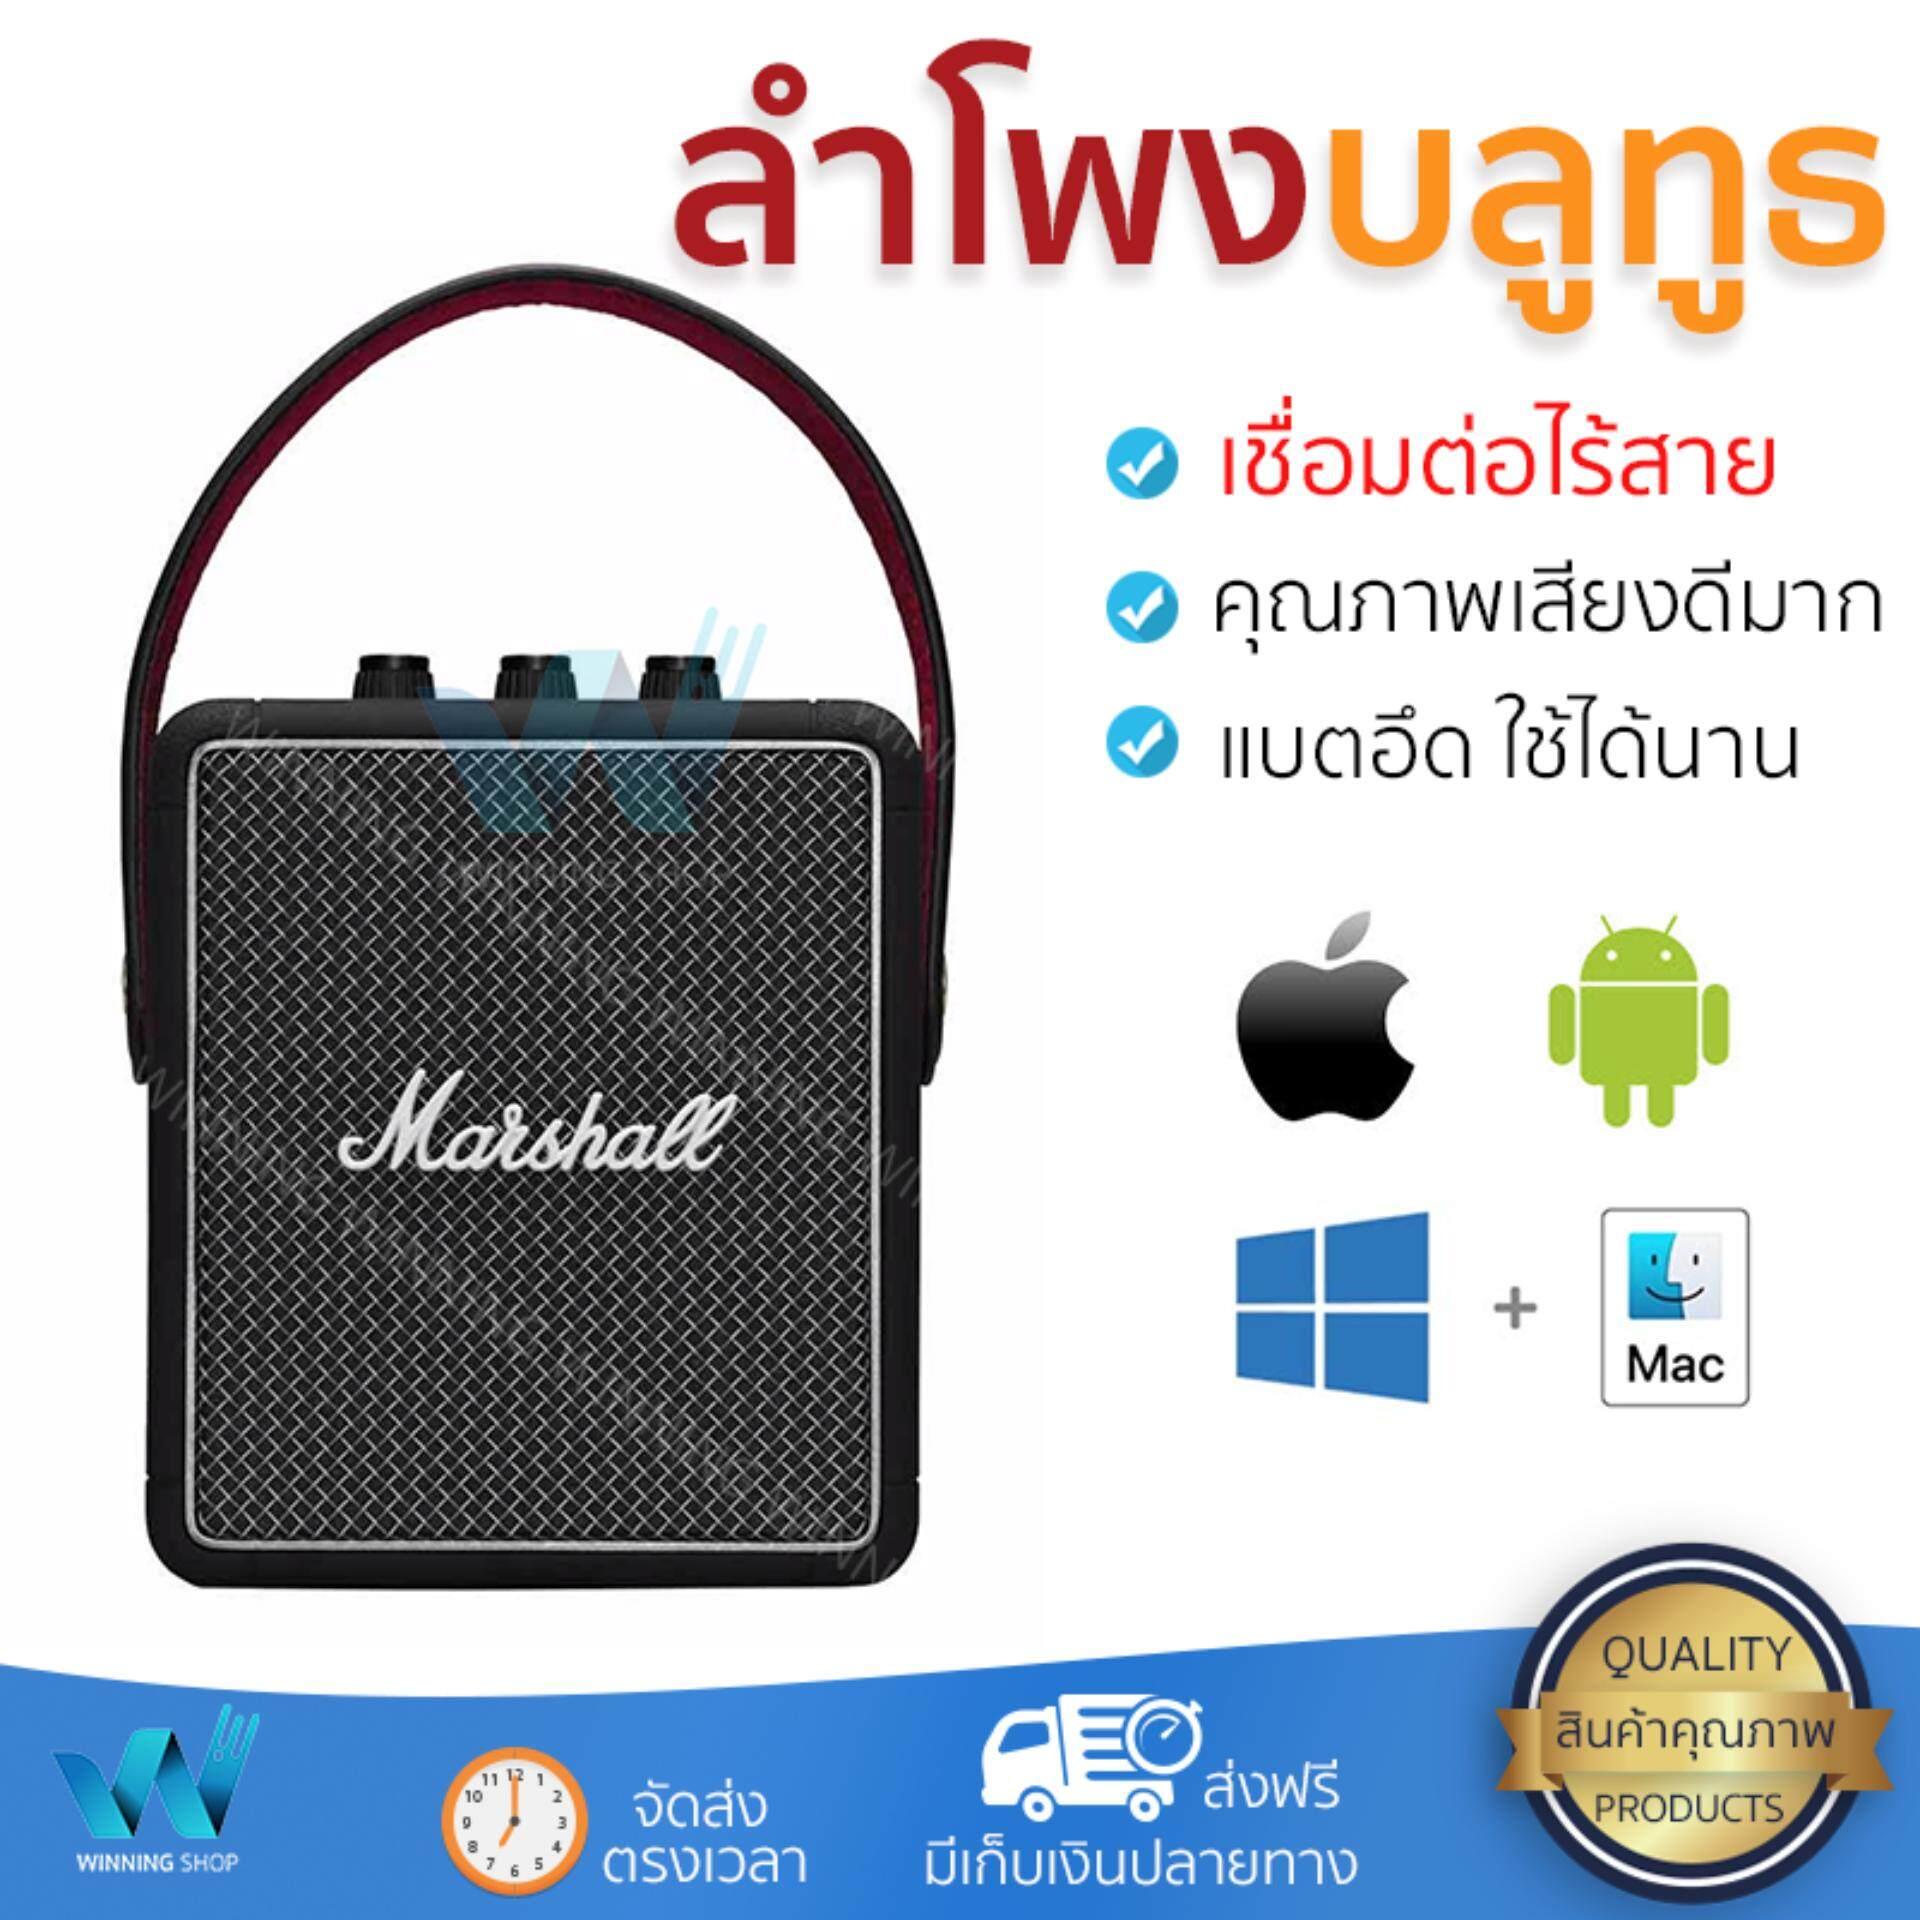 การใช้งาน  ยโสธร จัดส่งฟรี ลำโพงบลูทูธ  Marshall Bluetooth Speaker 2.1 STOCKWELL II Black เสียงใส คุณภาพเกินตัว Wireless Bluetooth Speaker รับประกัน 1 ปี